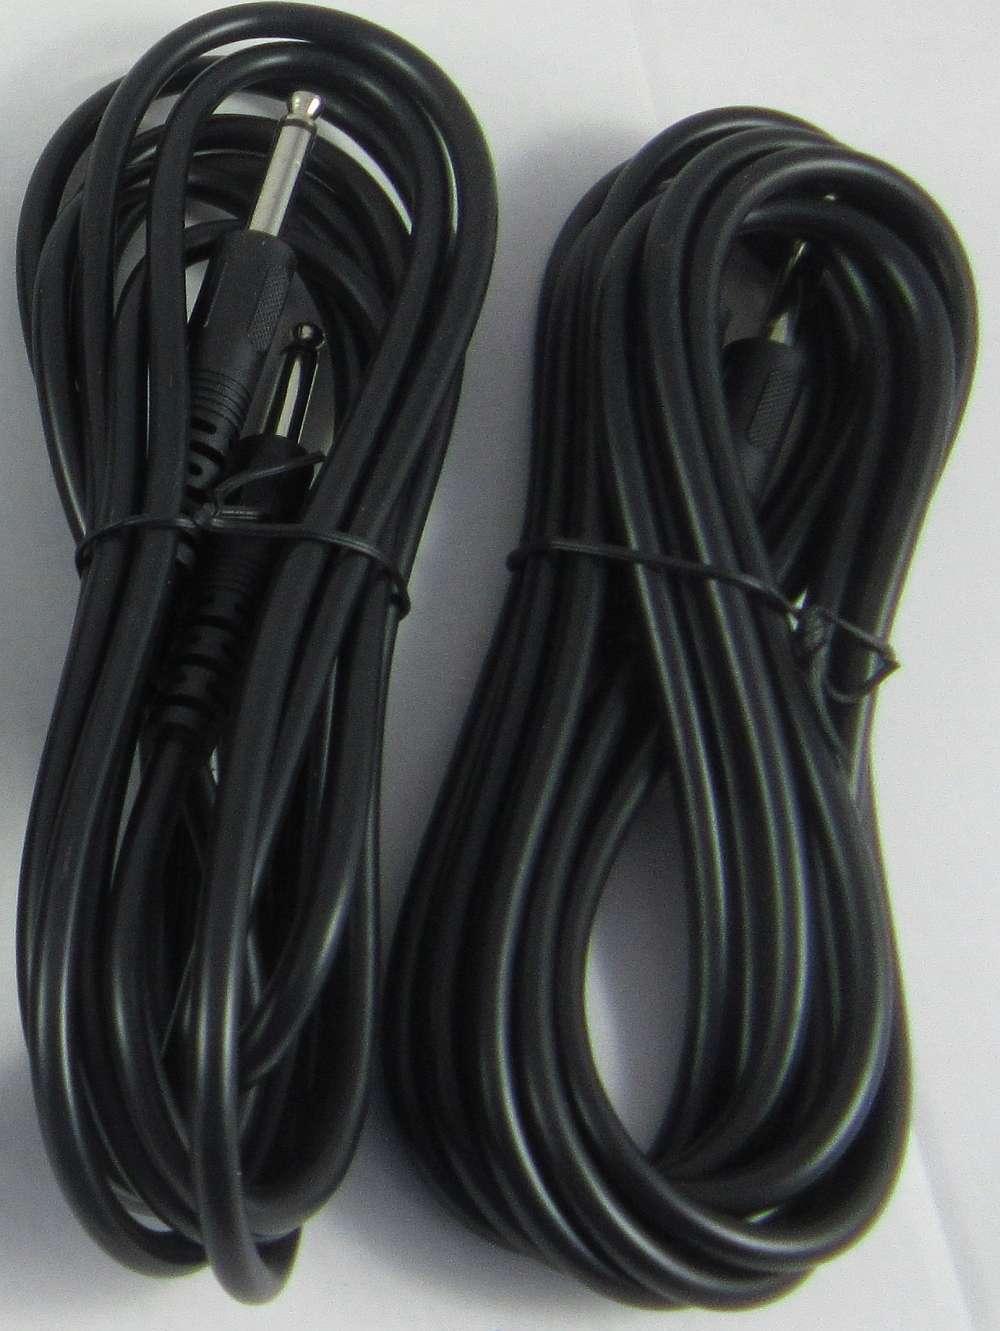 2 Stück Gitarren / Instrumenten Klinkenkabel 3m Schwarz Sonderverkauf